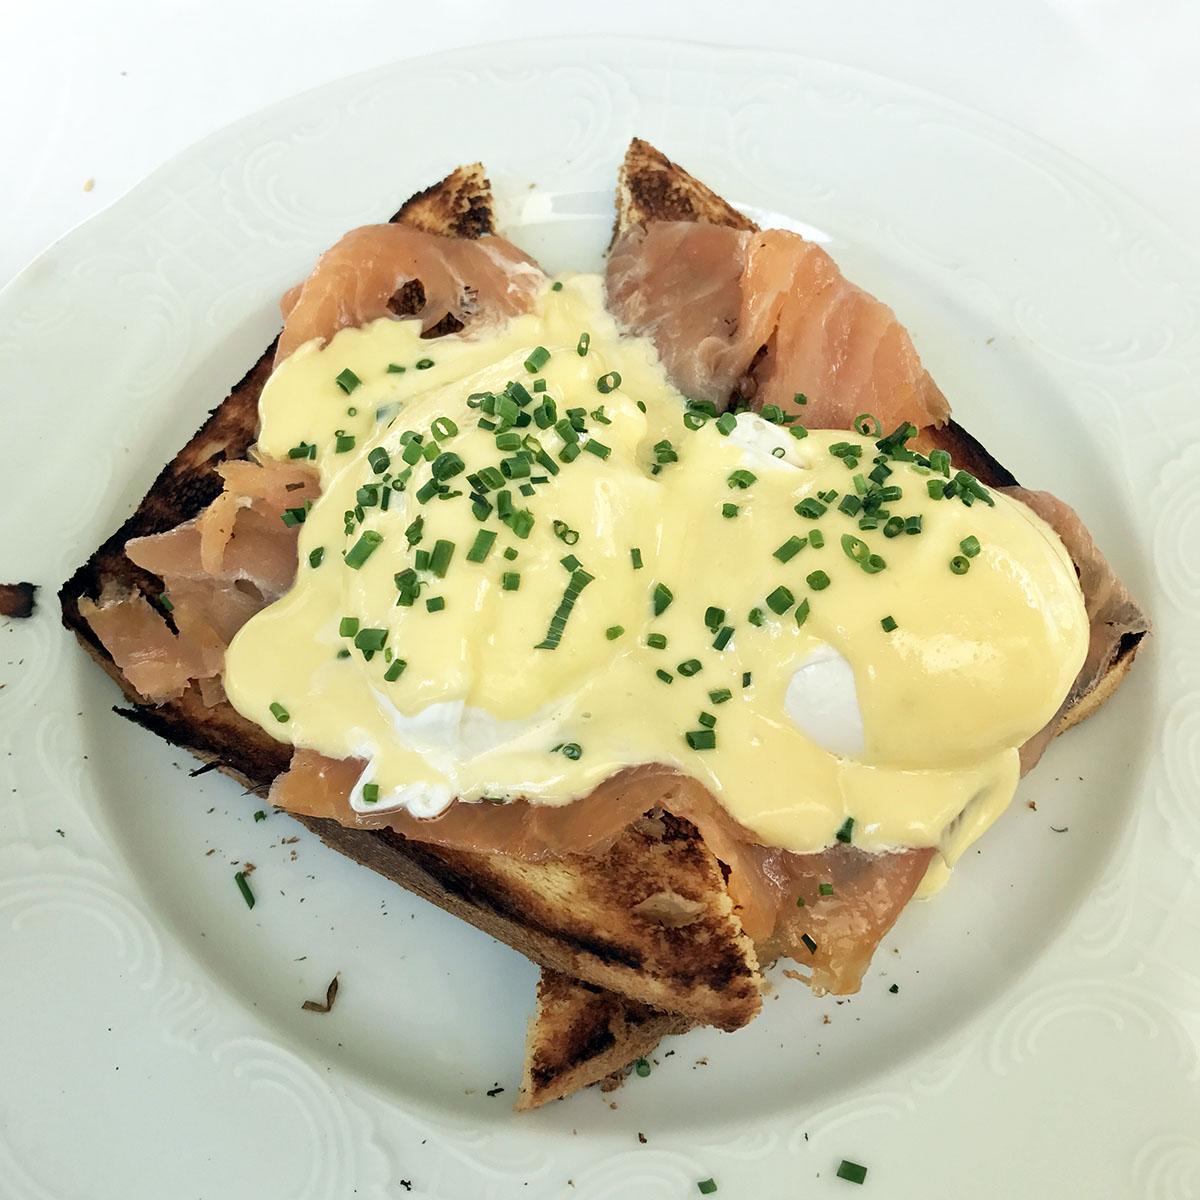 Голландский соус – традиционный французский соус, несмотря на название.